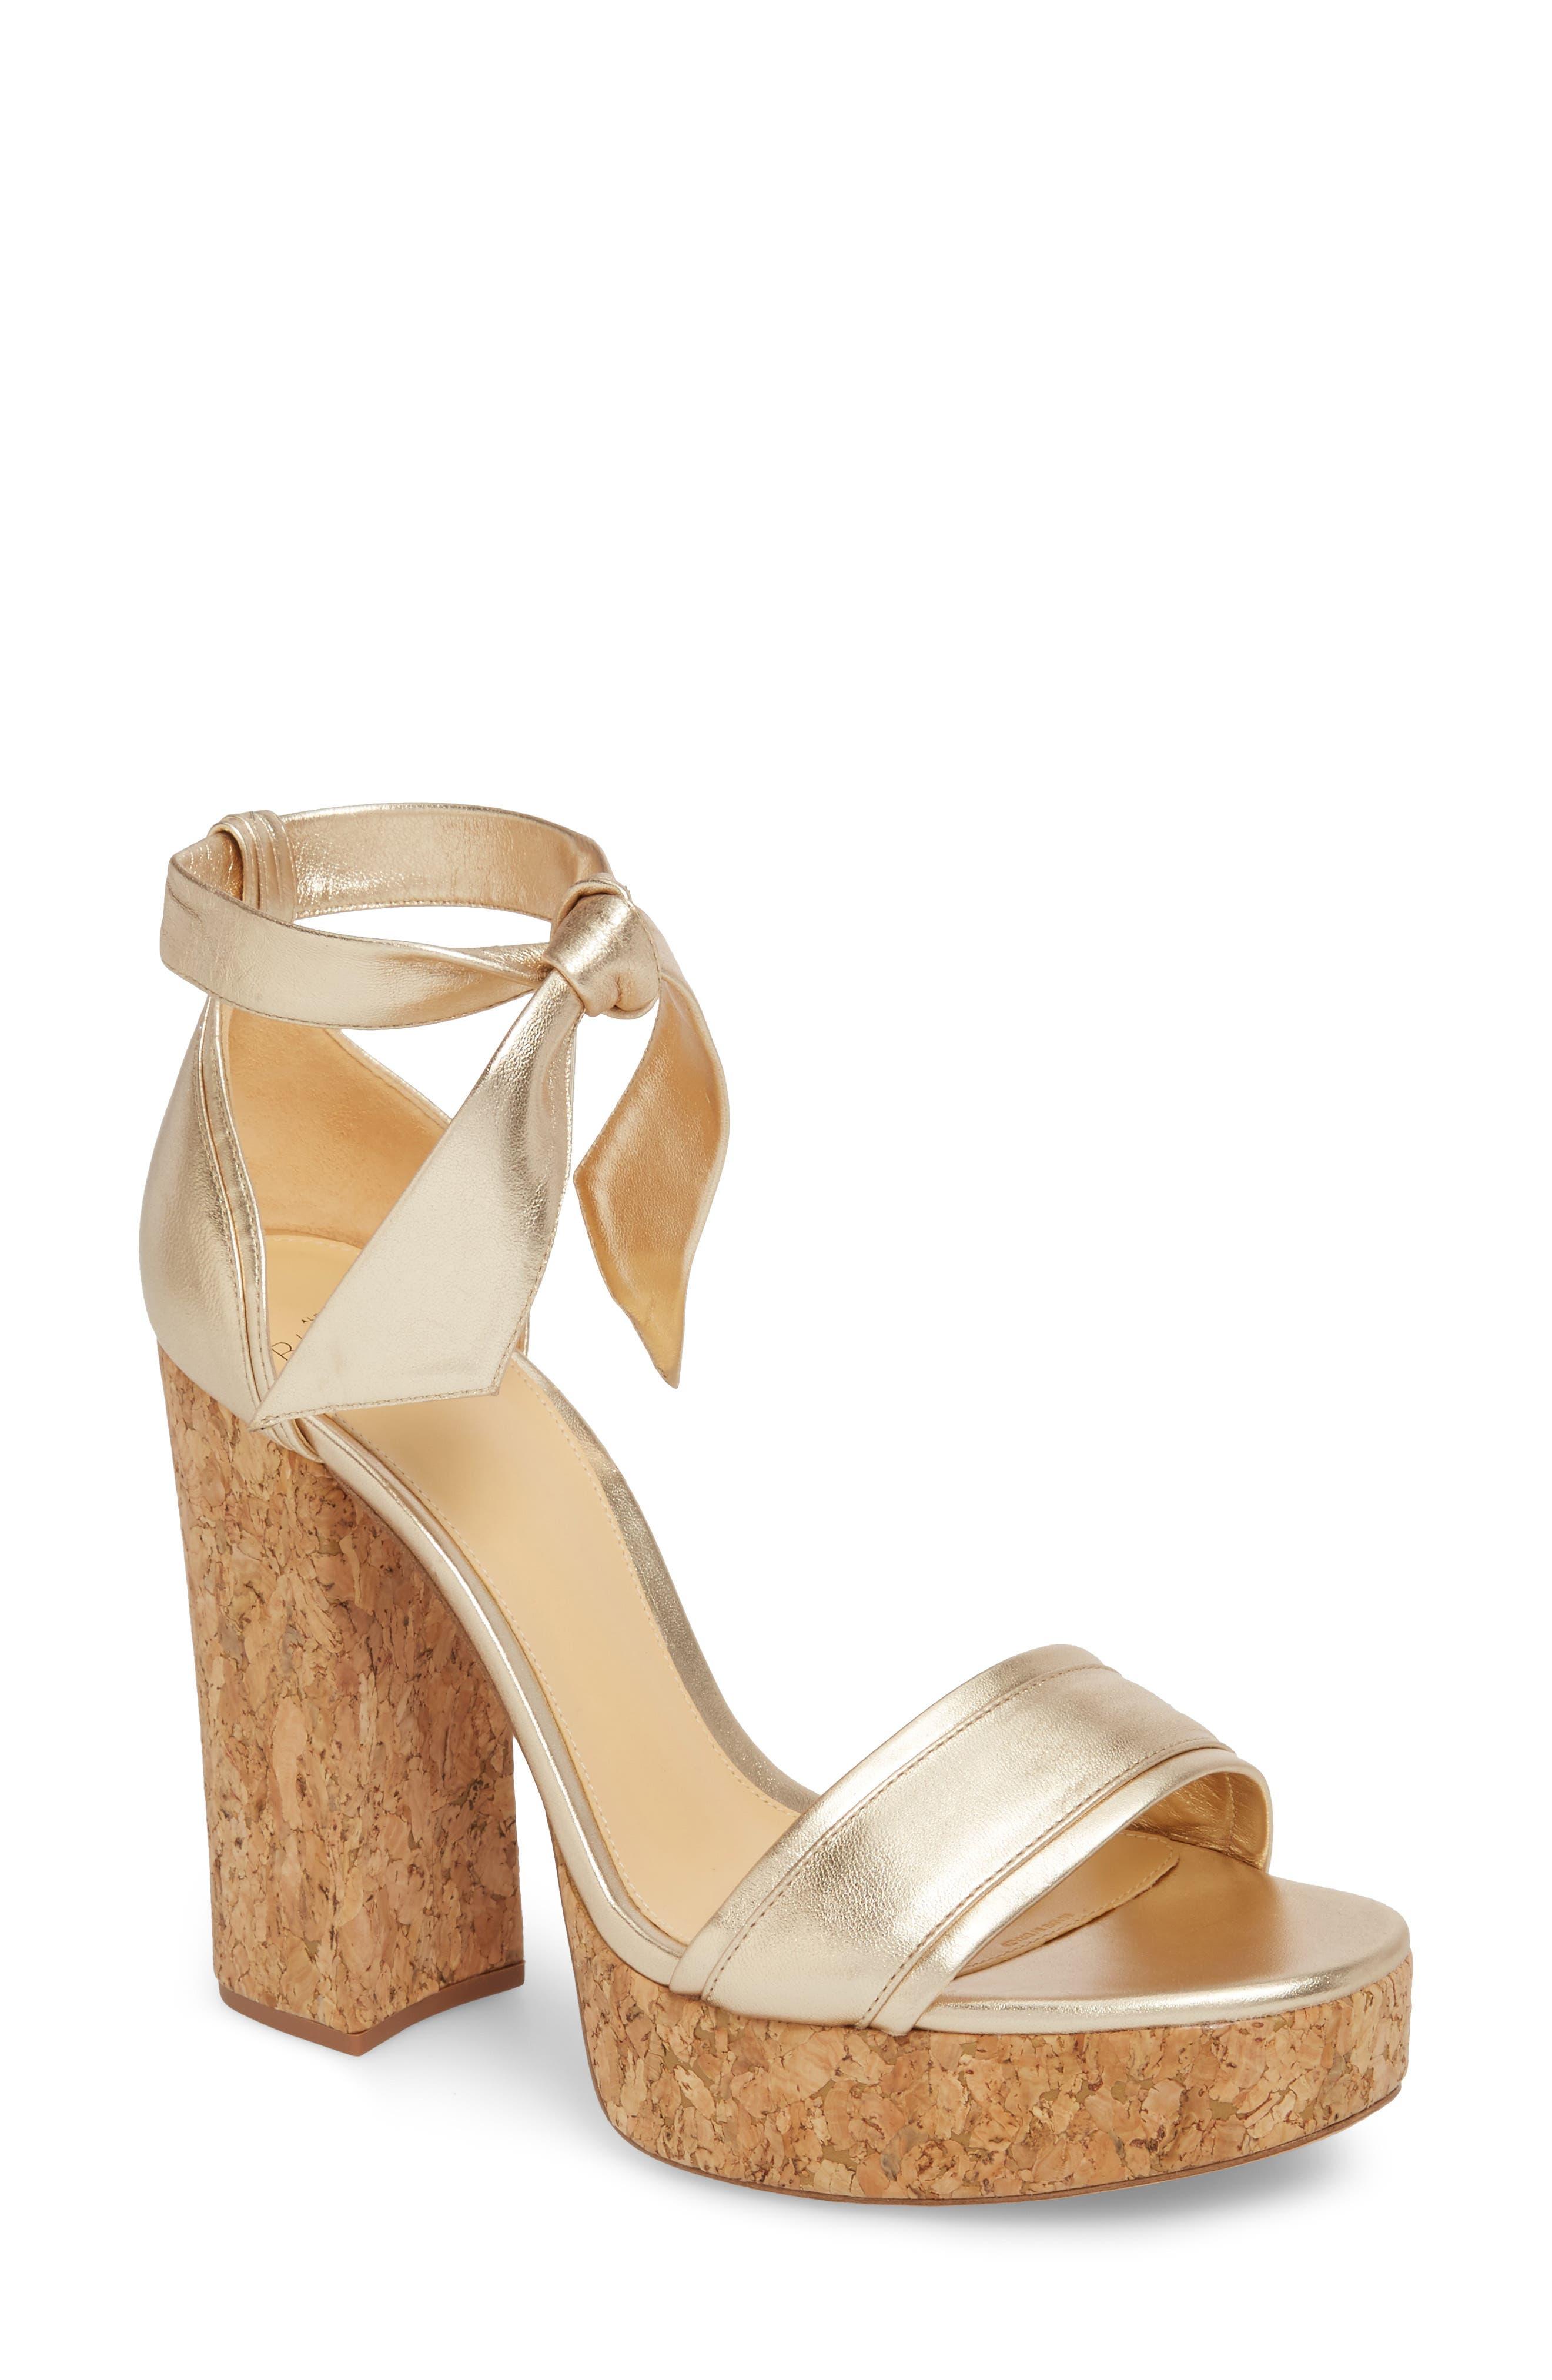 Celine Ankle Tie Platform Sandal,                         Main,                         color, Gold